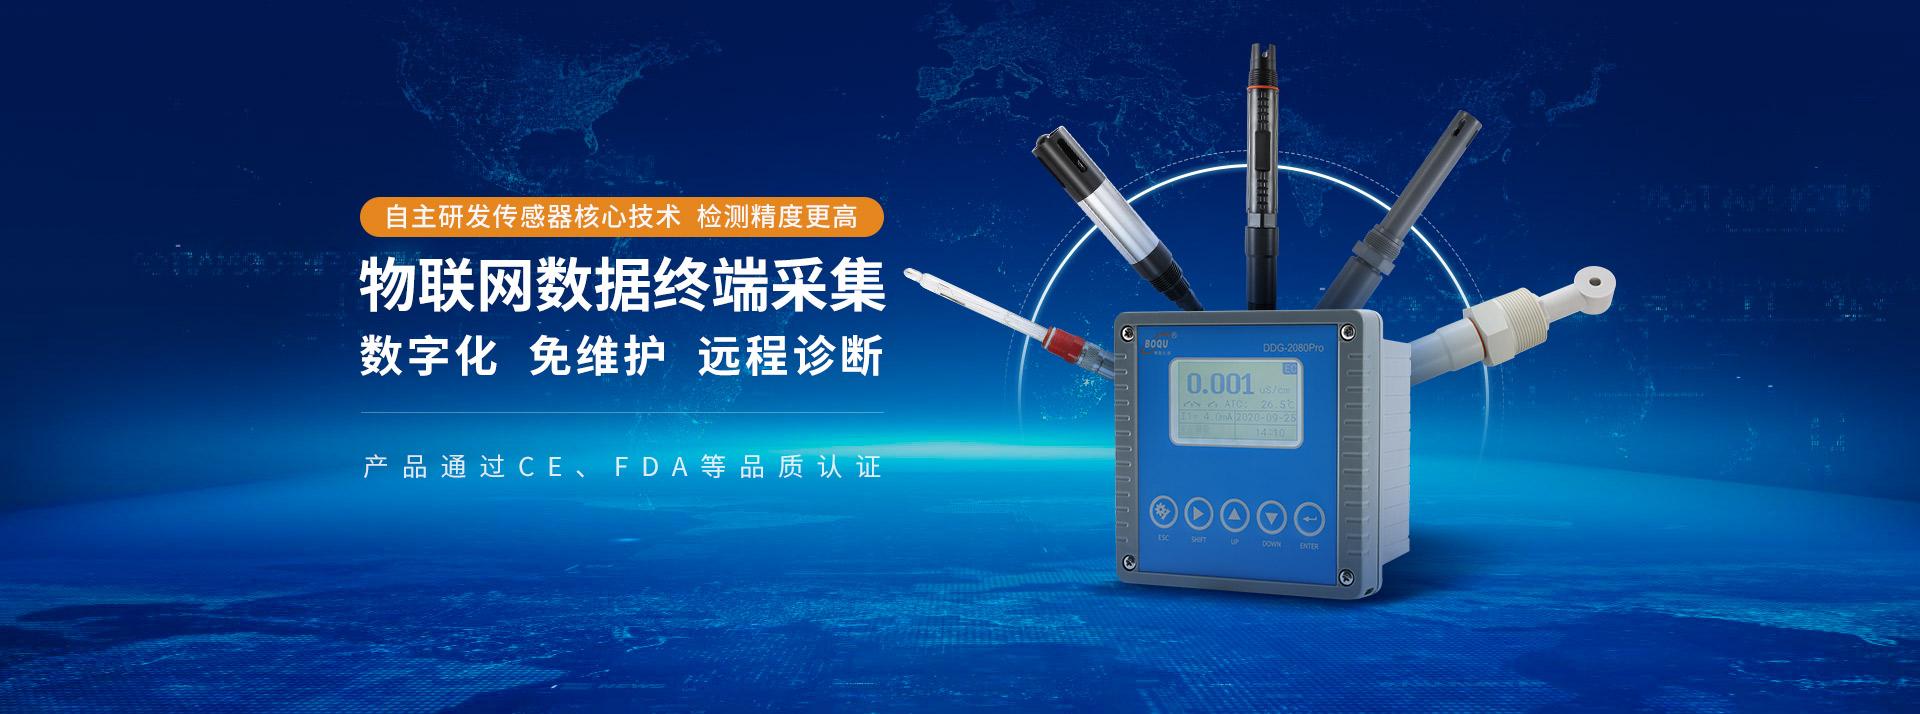 自主研发传感器核心技术 监测精度更高